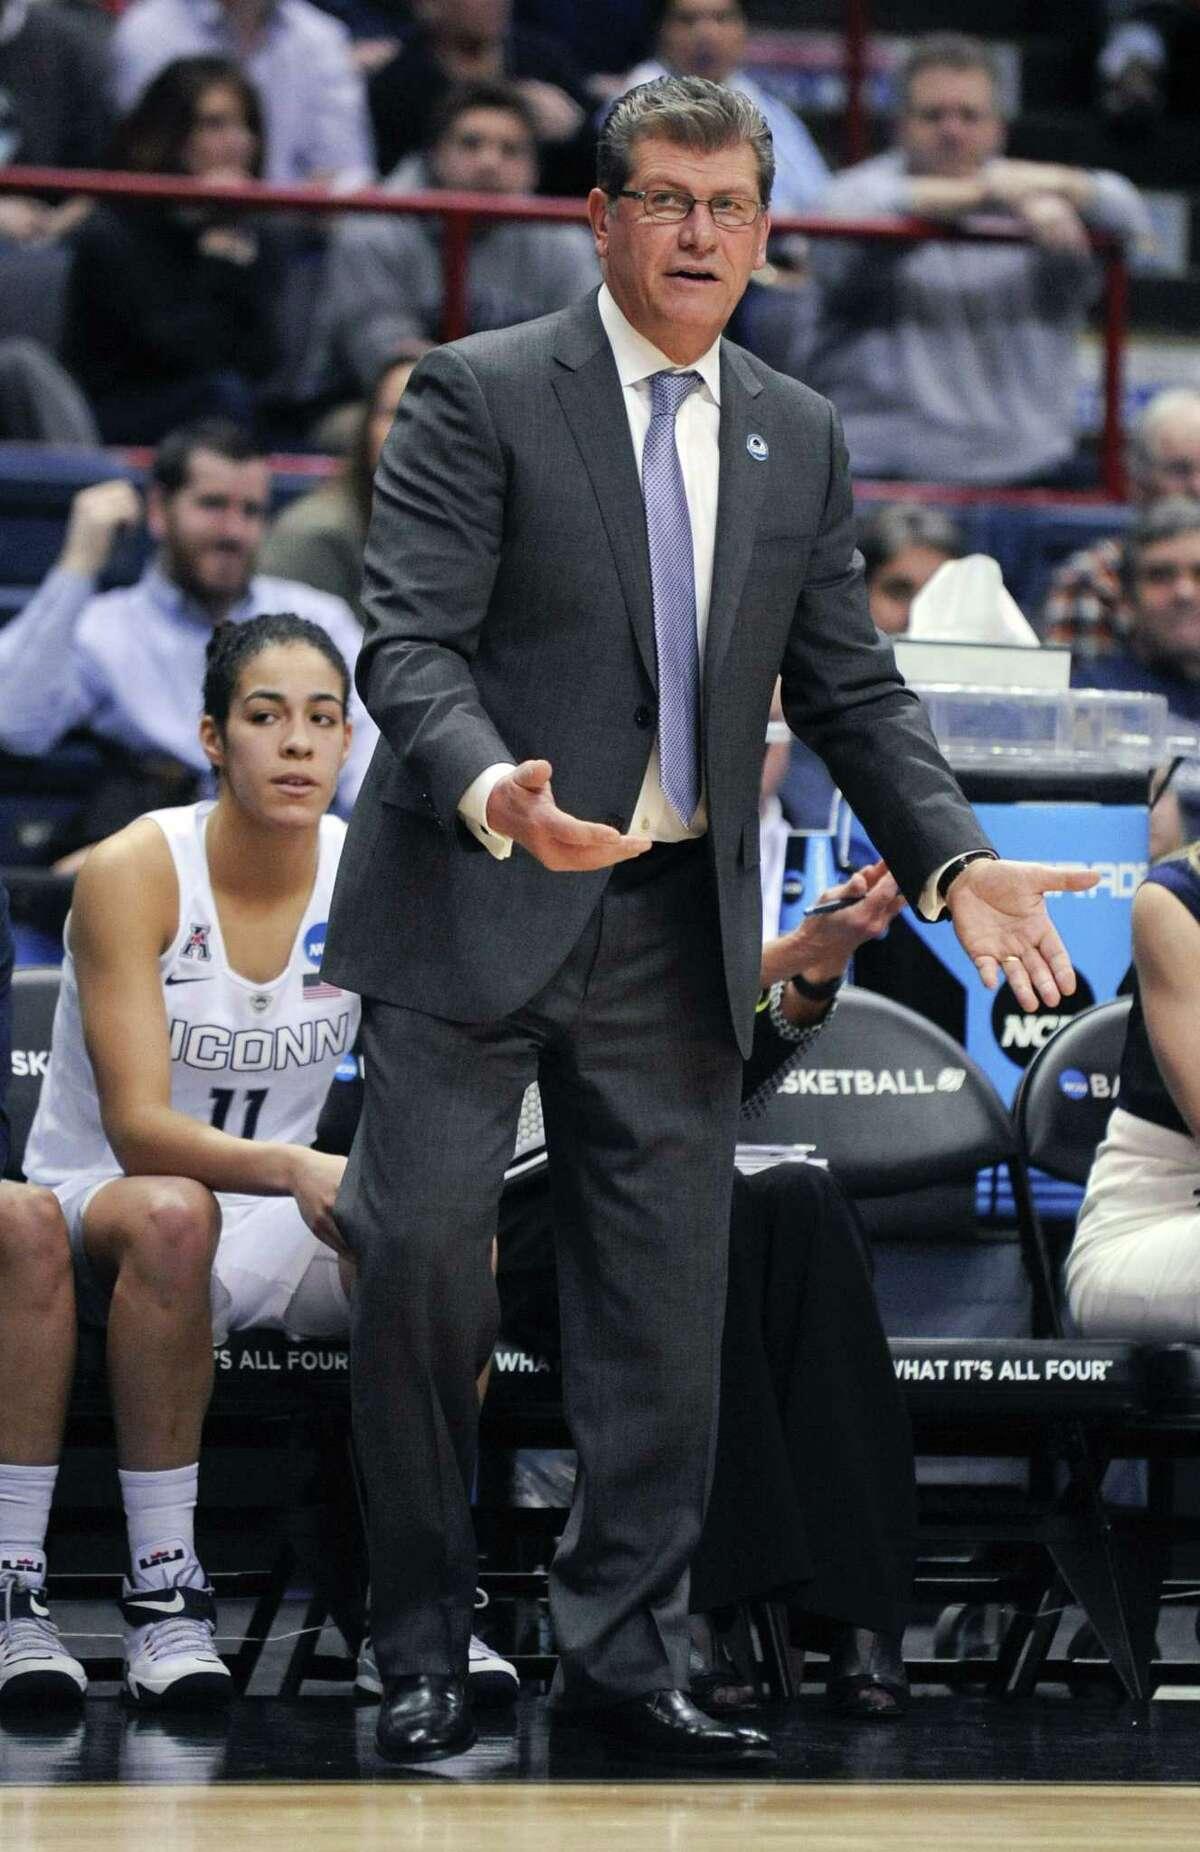 UConn head coach Geno Auriemma won his 100th NCAA tournament game on Saturday.